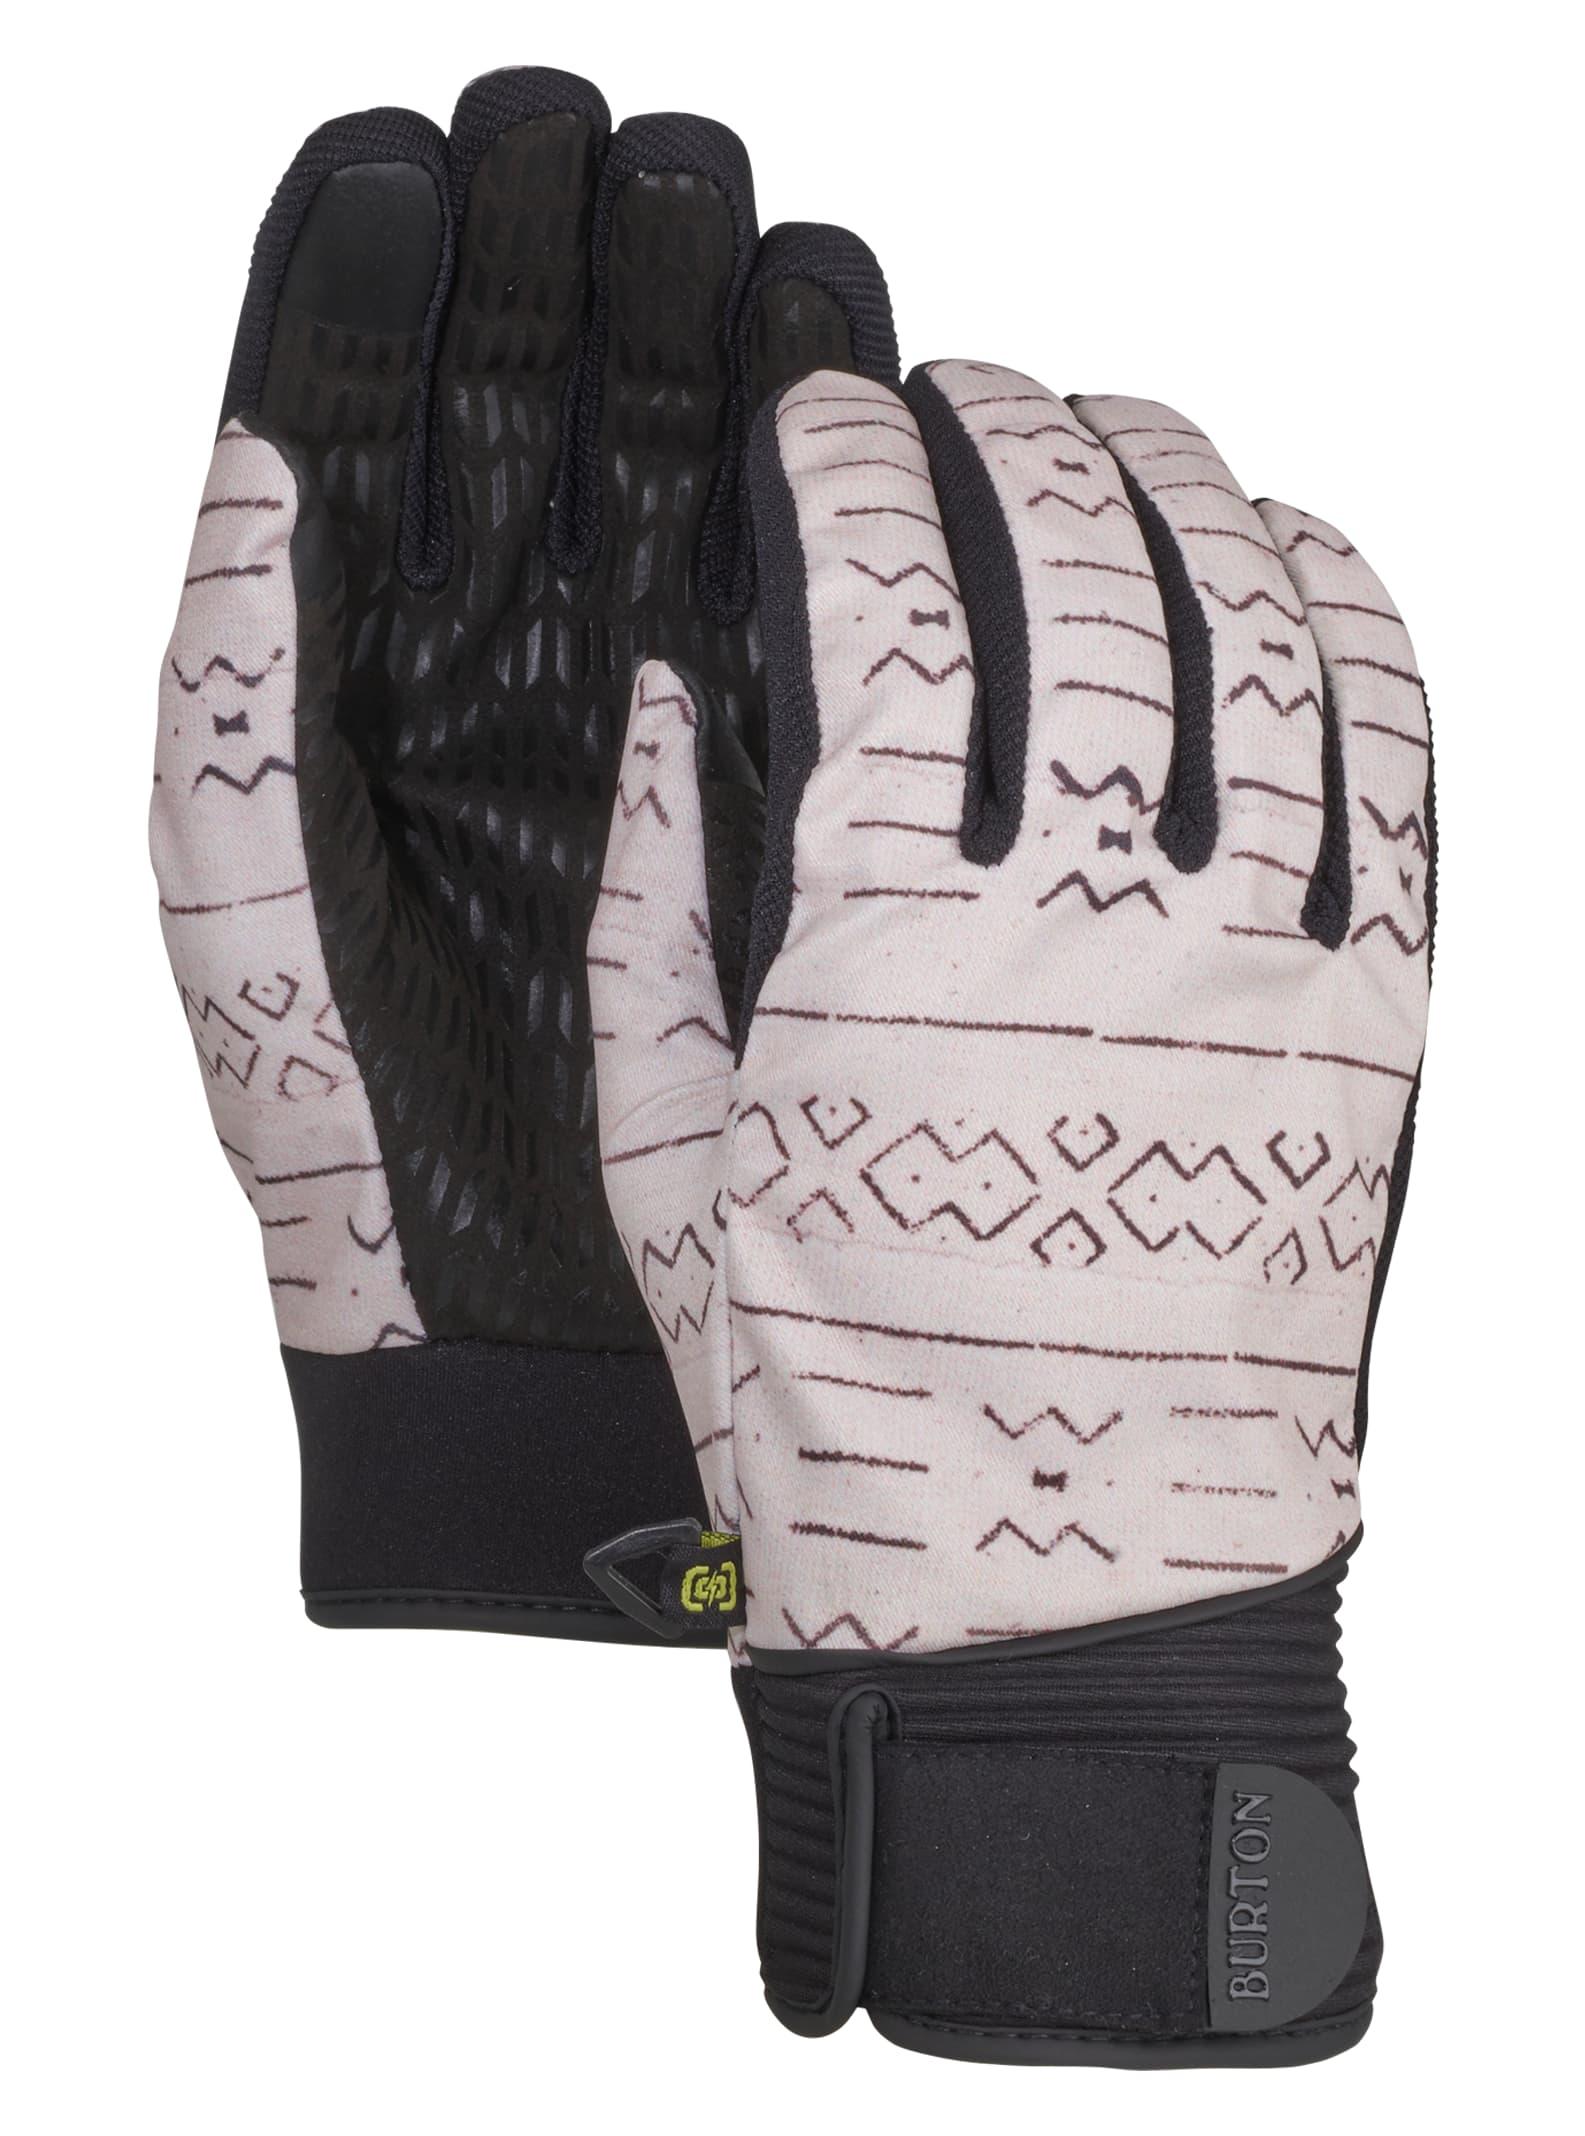 919b90e3779 Women s Gloves   Mittens